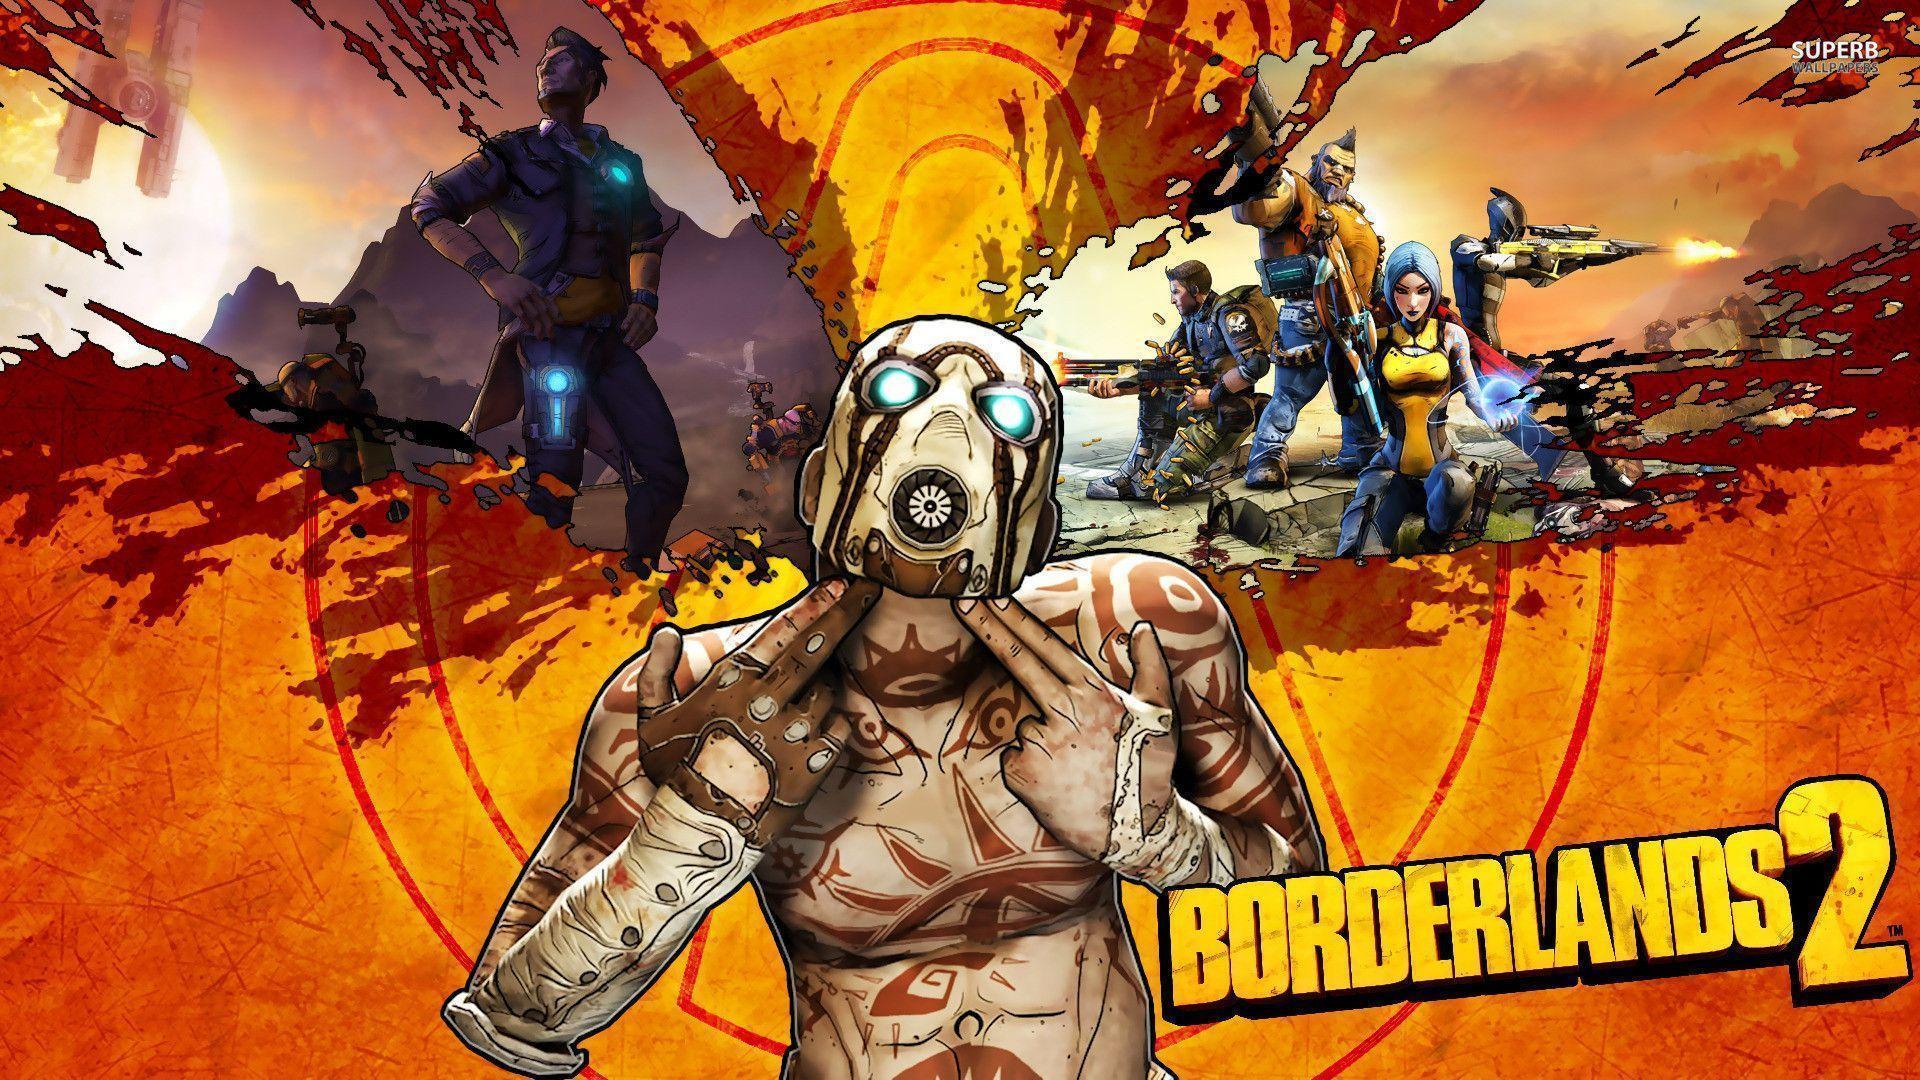 borderlands 2 desktop wallpapers - photo #4